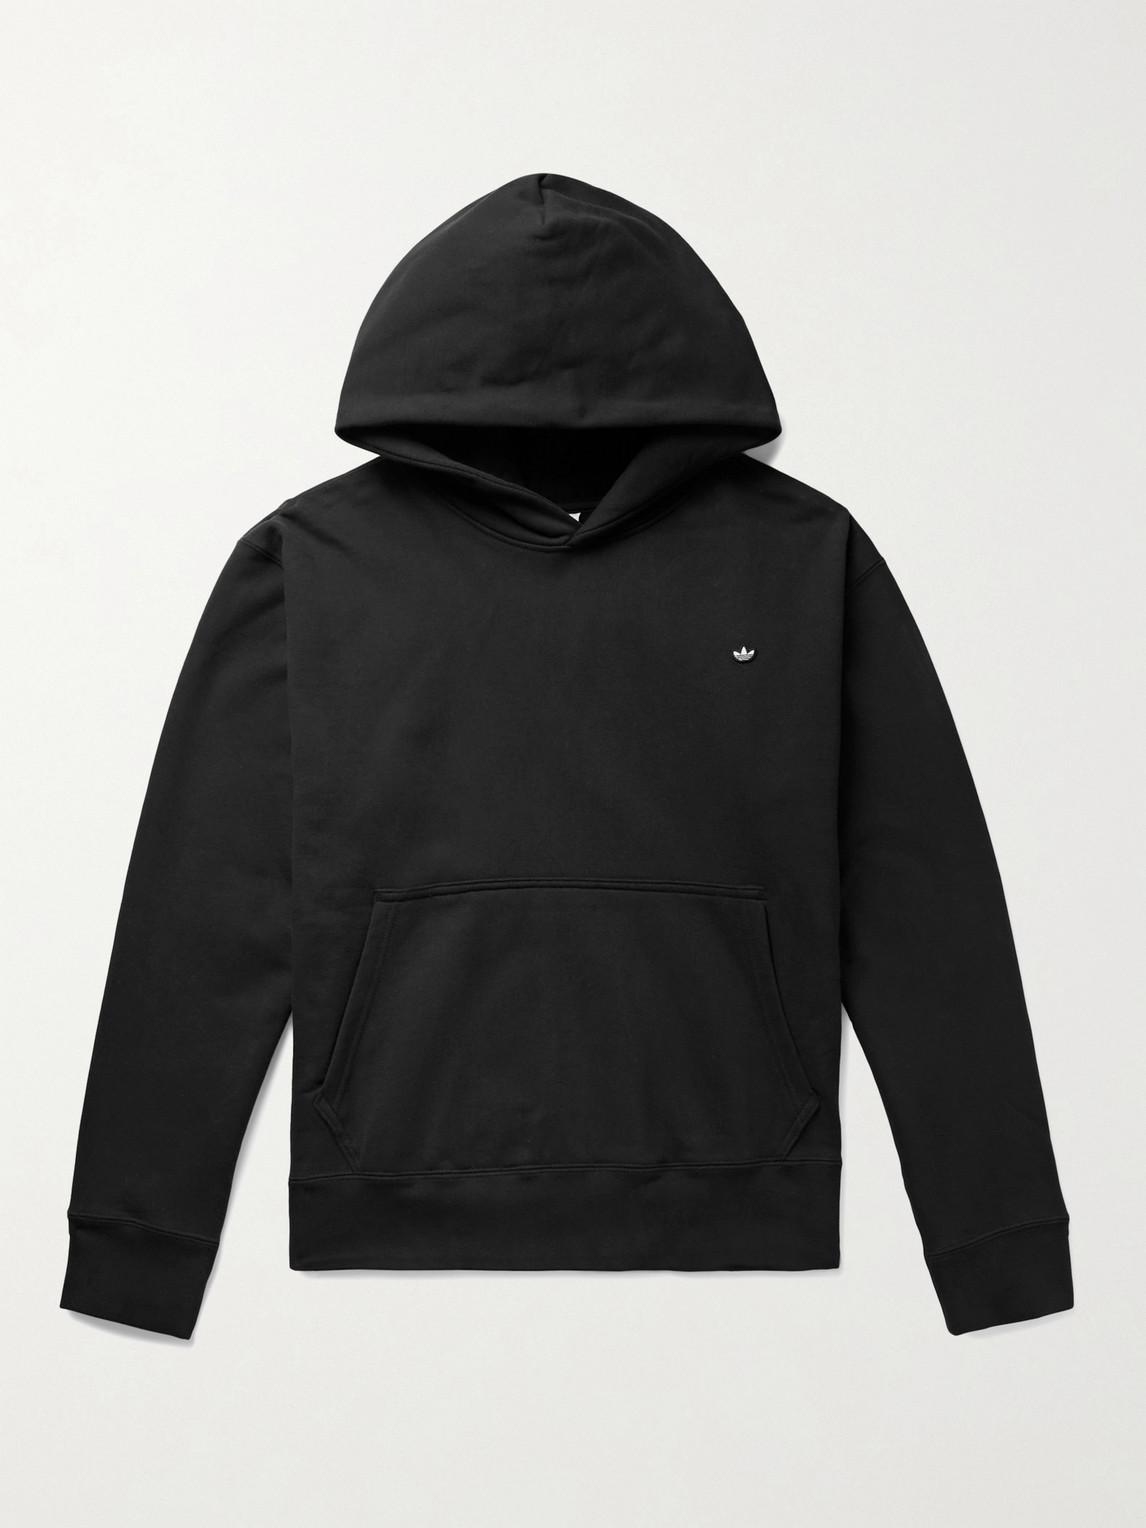 Adidas Originals ADICOLOR PREMIUM LOGO-APPLIQUÉD ORGANIC LOOPBACK COTTON-JERSEY HOODIE